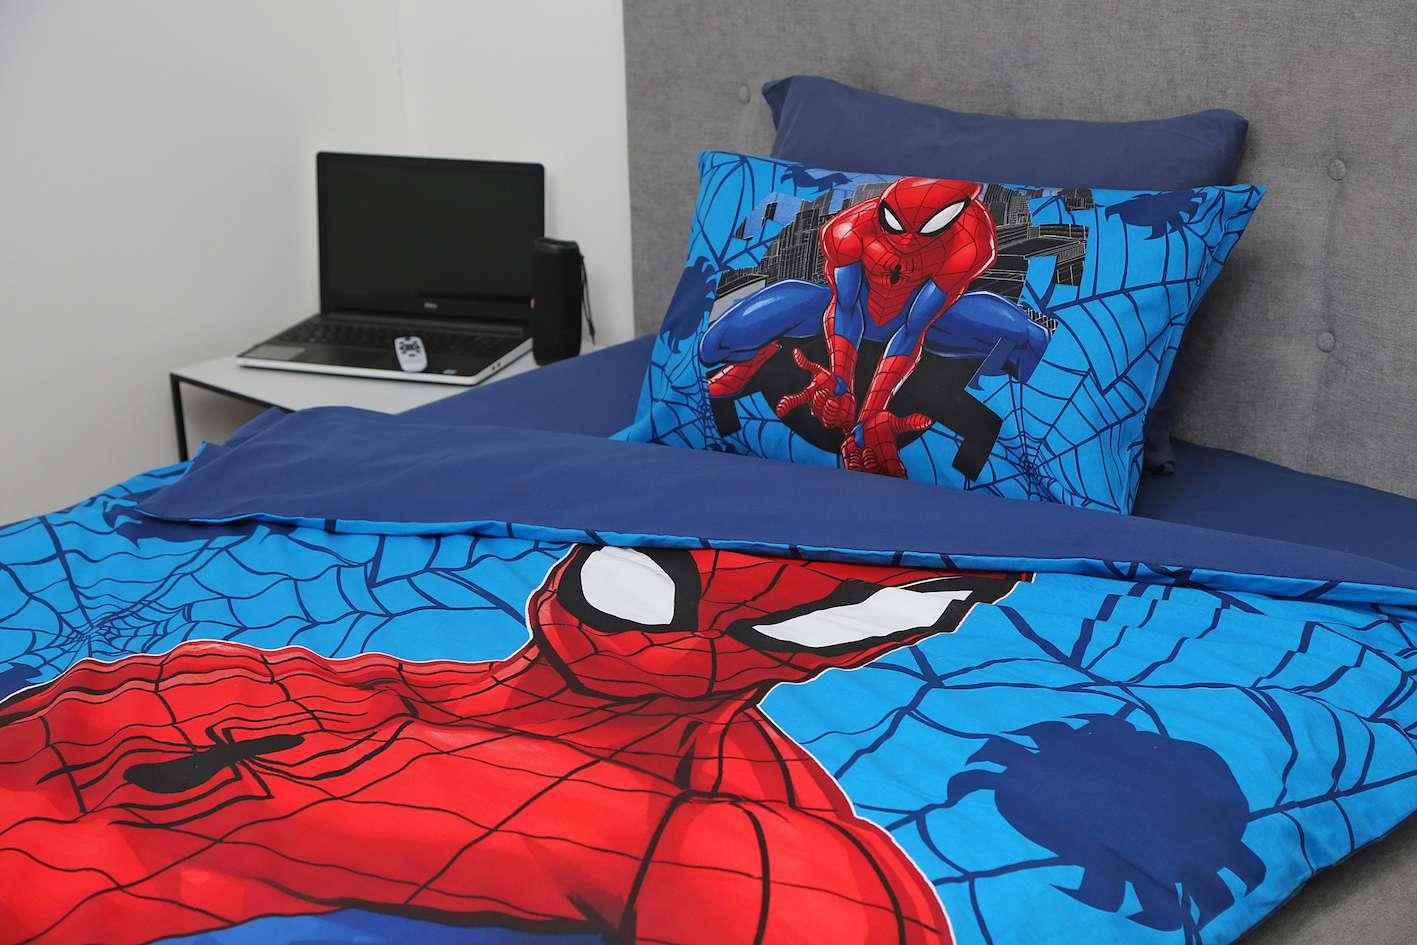 סט מצעים למיטת יחיד 100% כותנה לילדים דגם ספיידרמן 2021